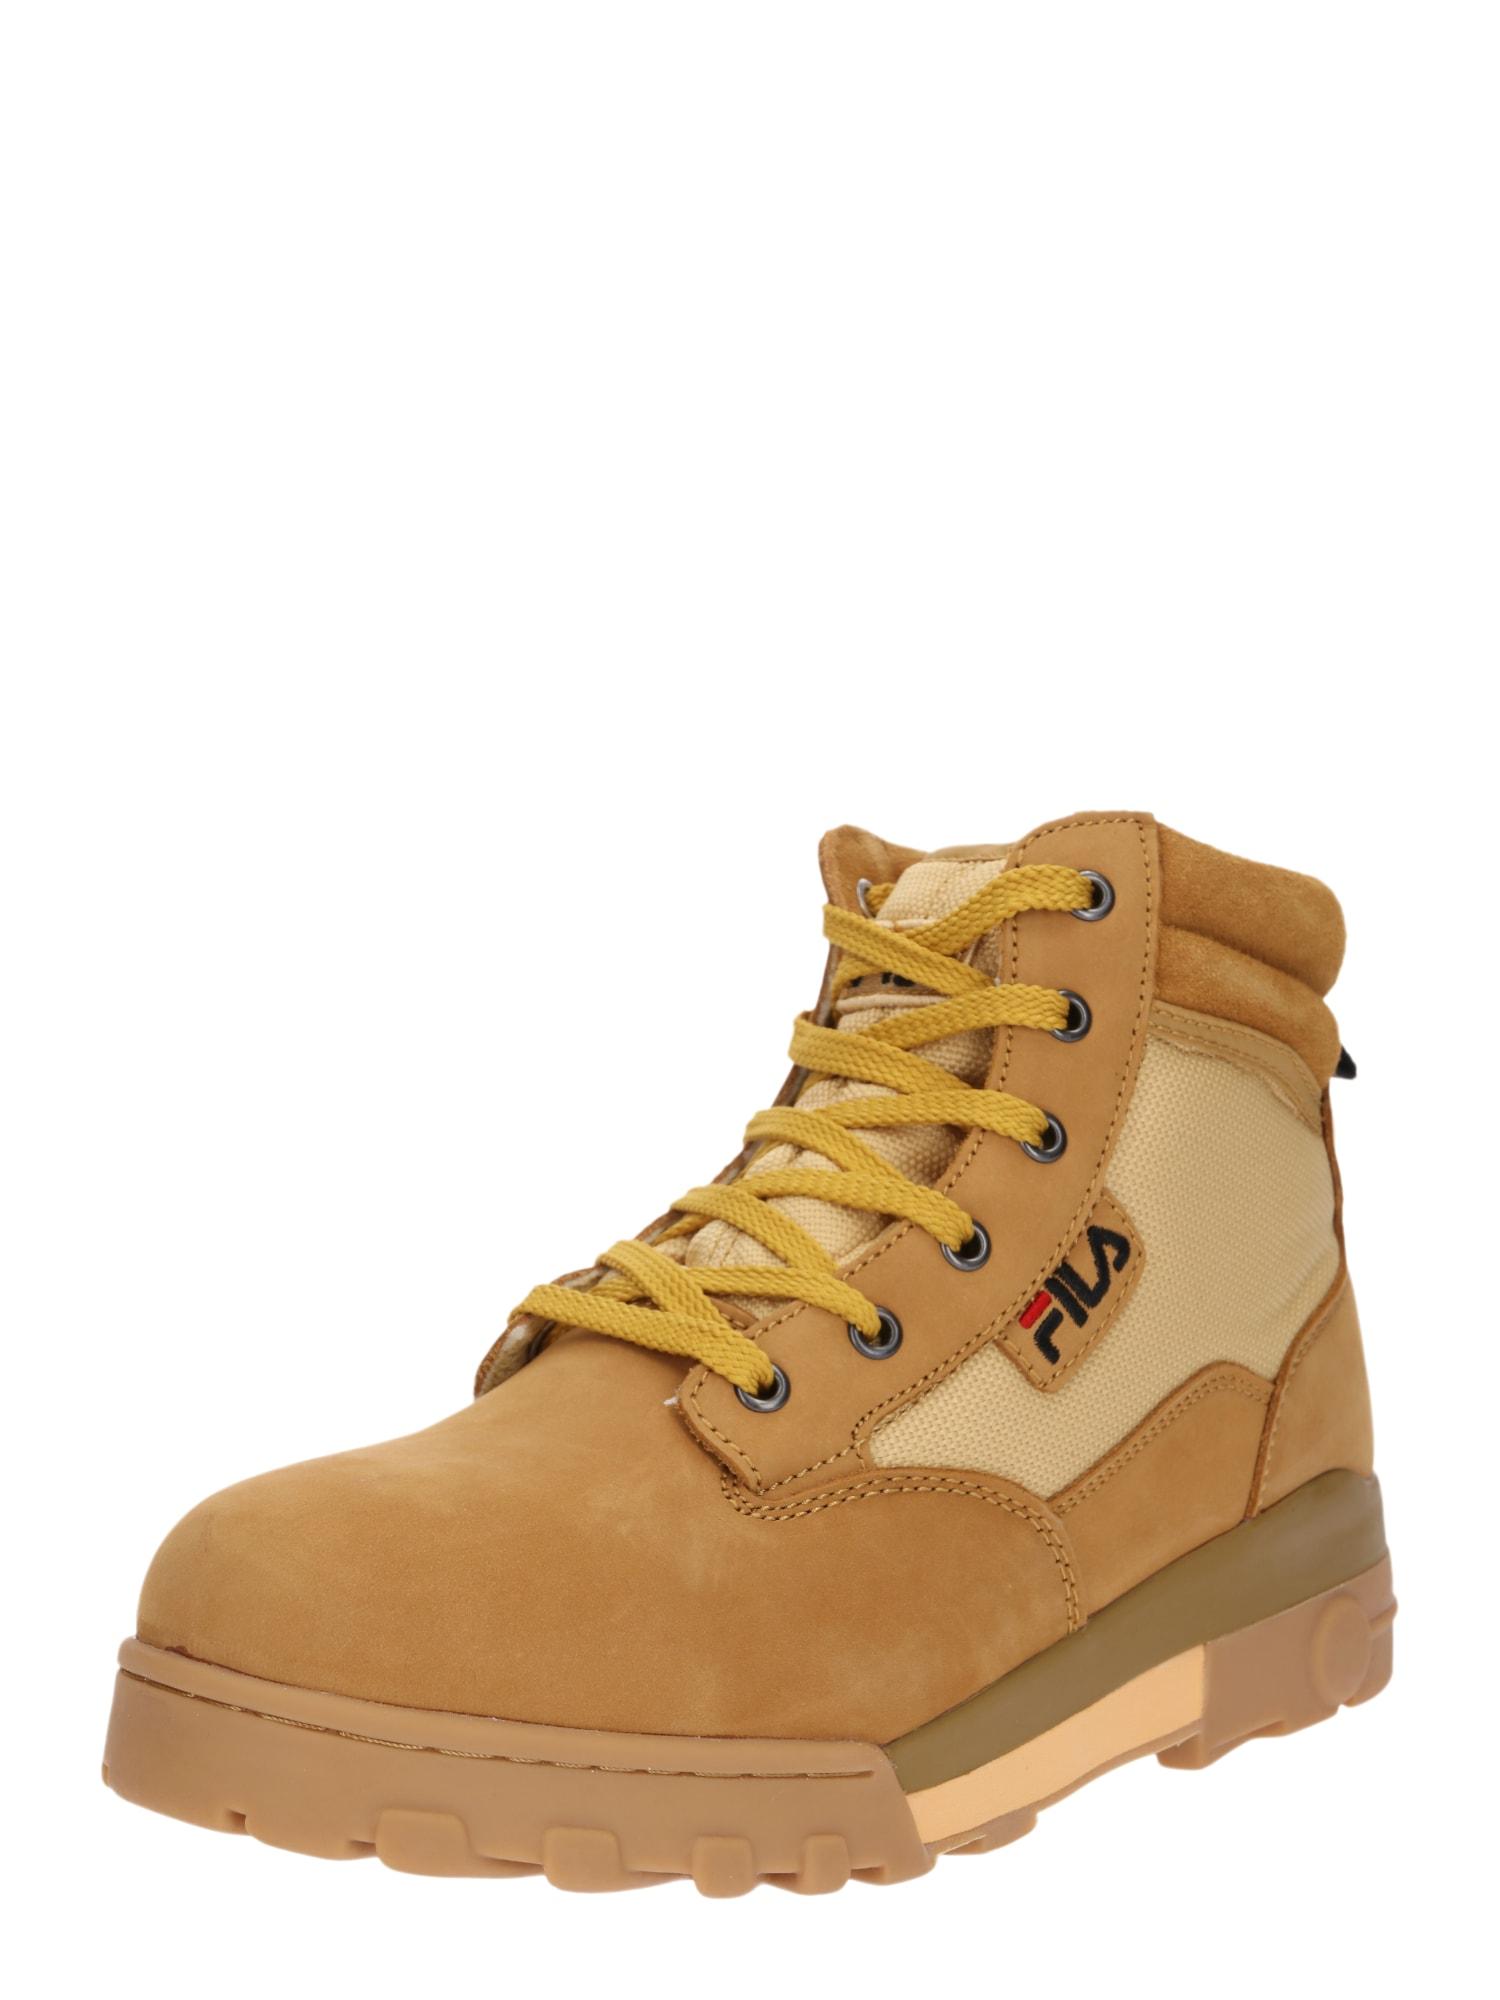 Šněrovací boty Grunge mid písková zlatě žlutá FILA